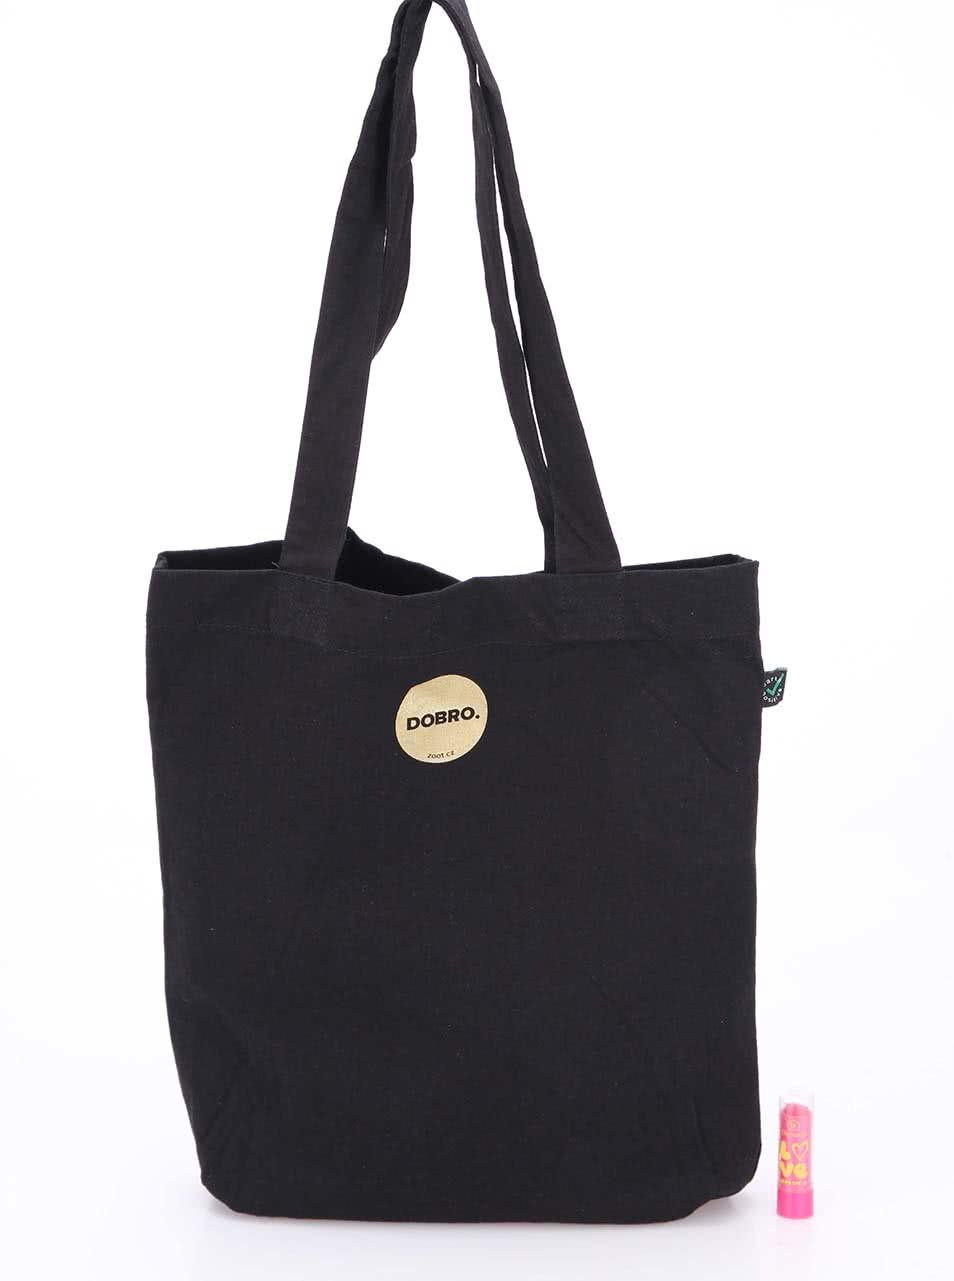 """""""Dobrá"""" zlato-černá unisex taška pro Nadační fond pro předčasně narozené děti a jejich rodiny"""